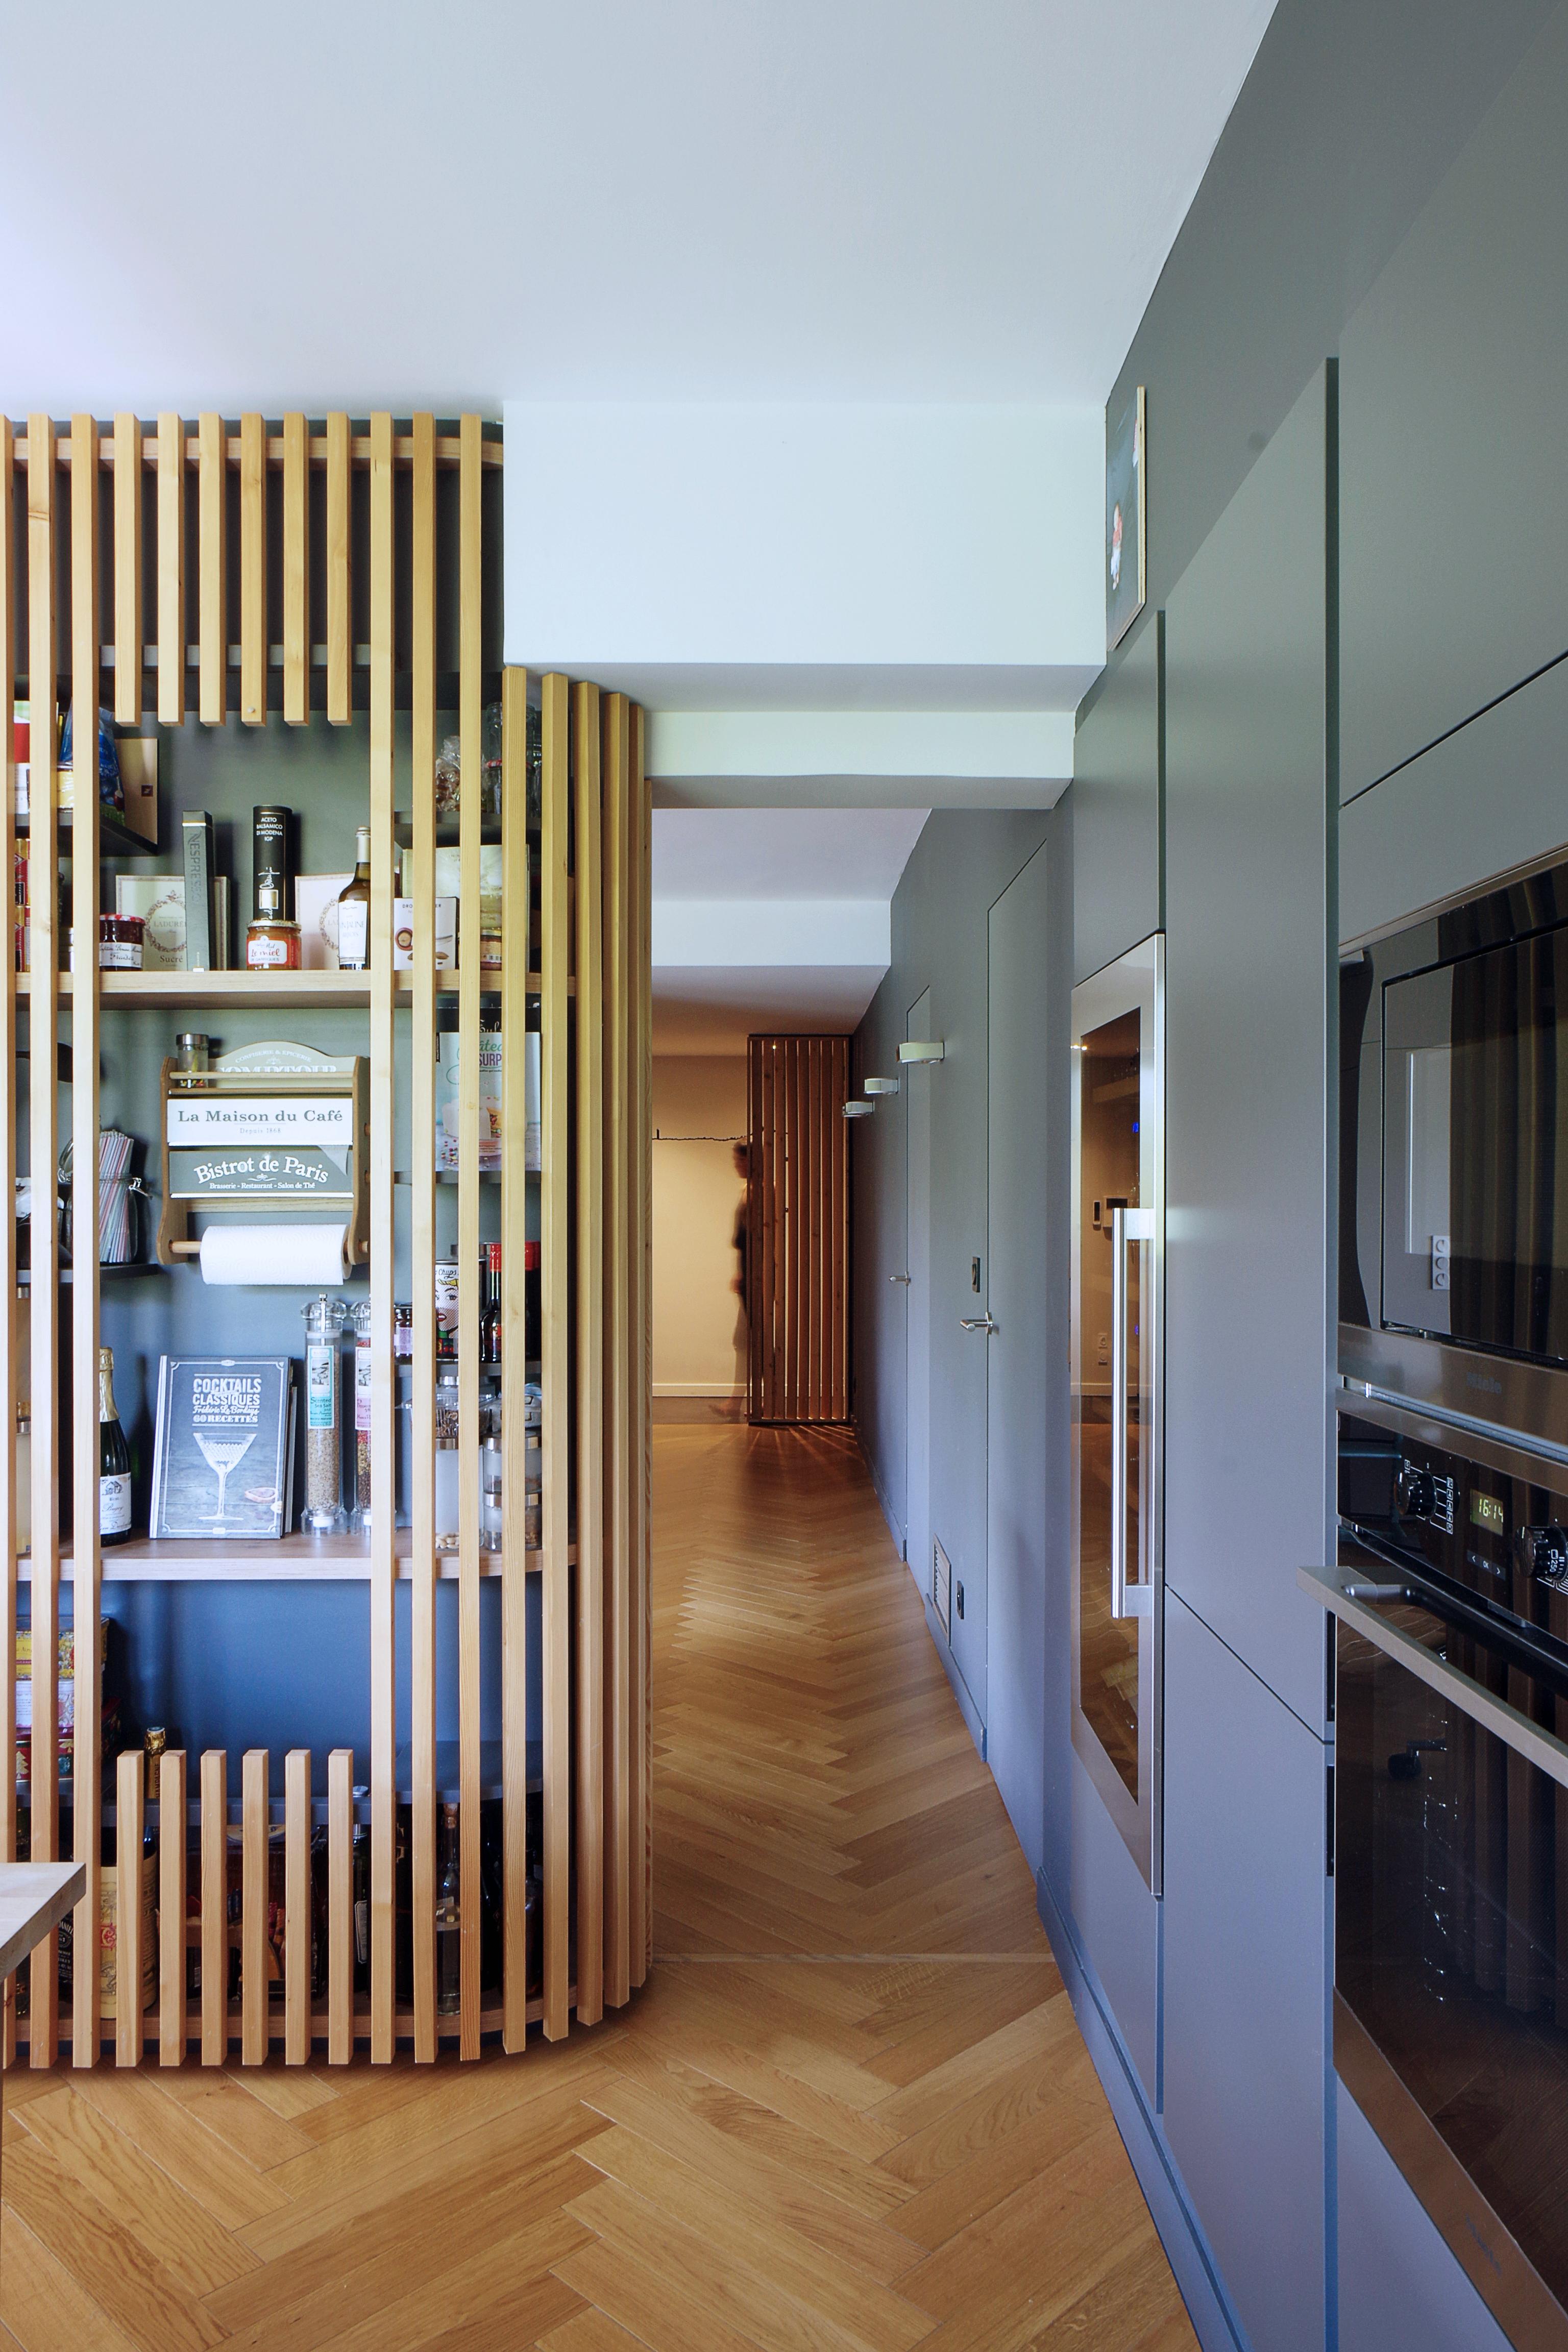 Appartement_Rénovation_Annecy_agencement_meuble-central_cuisine-niche_couleur_tasseaux